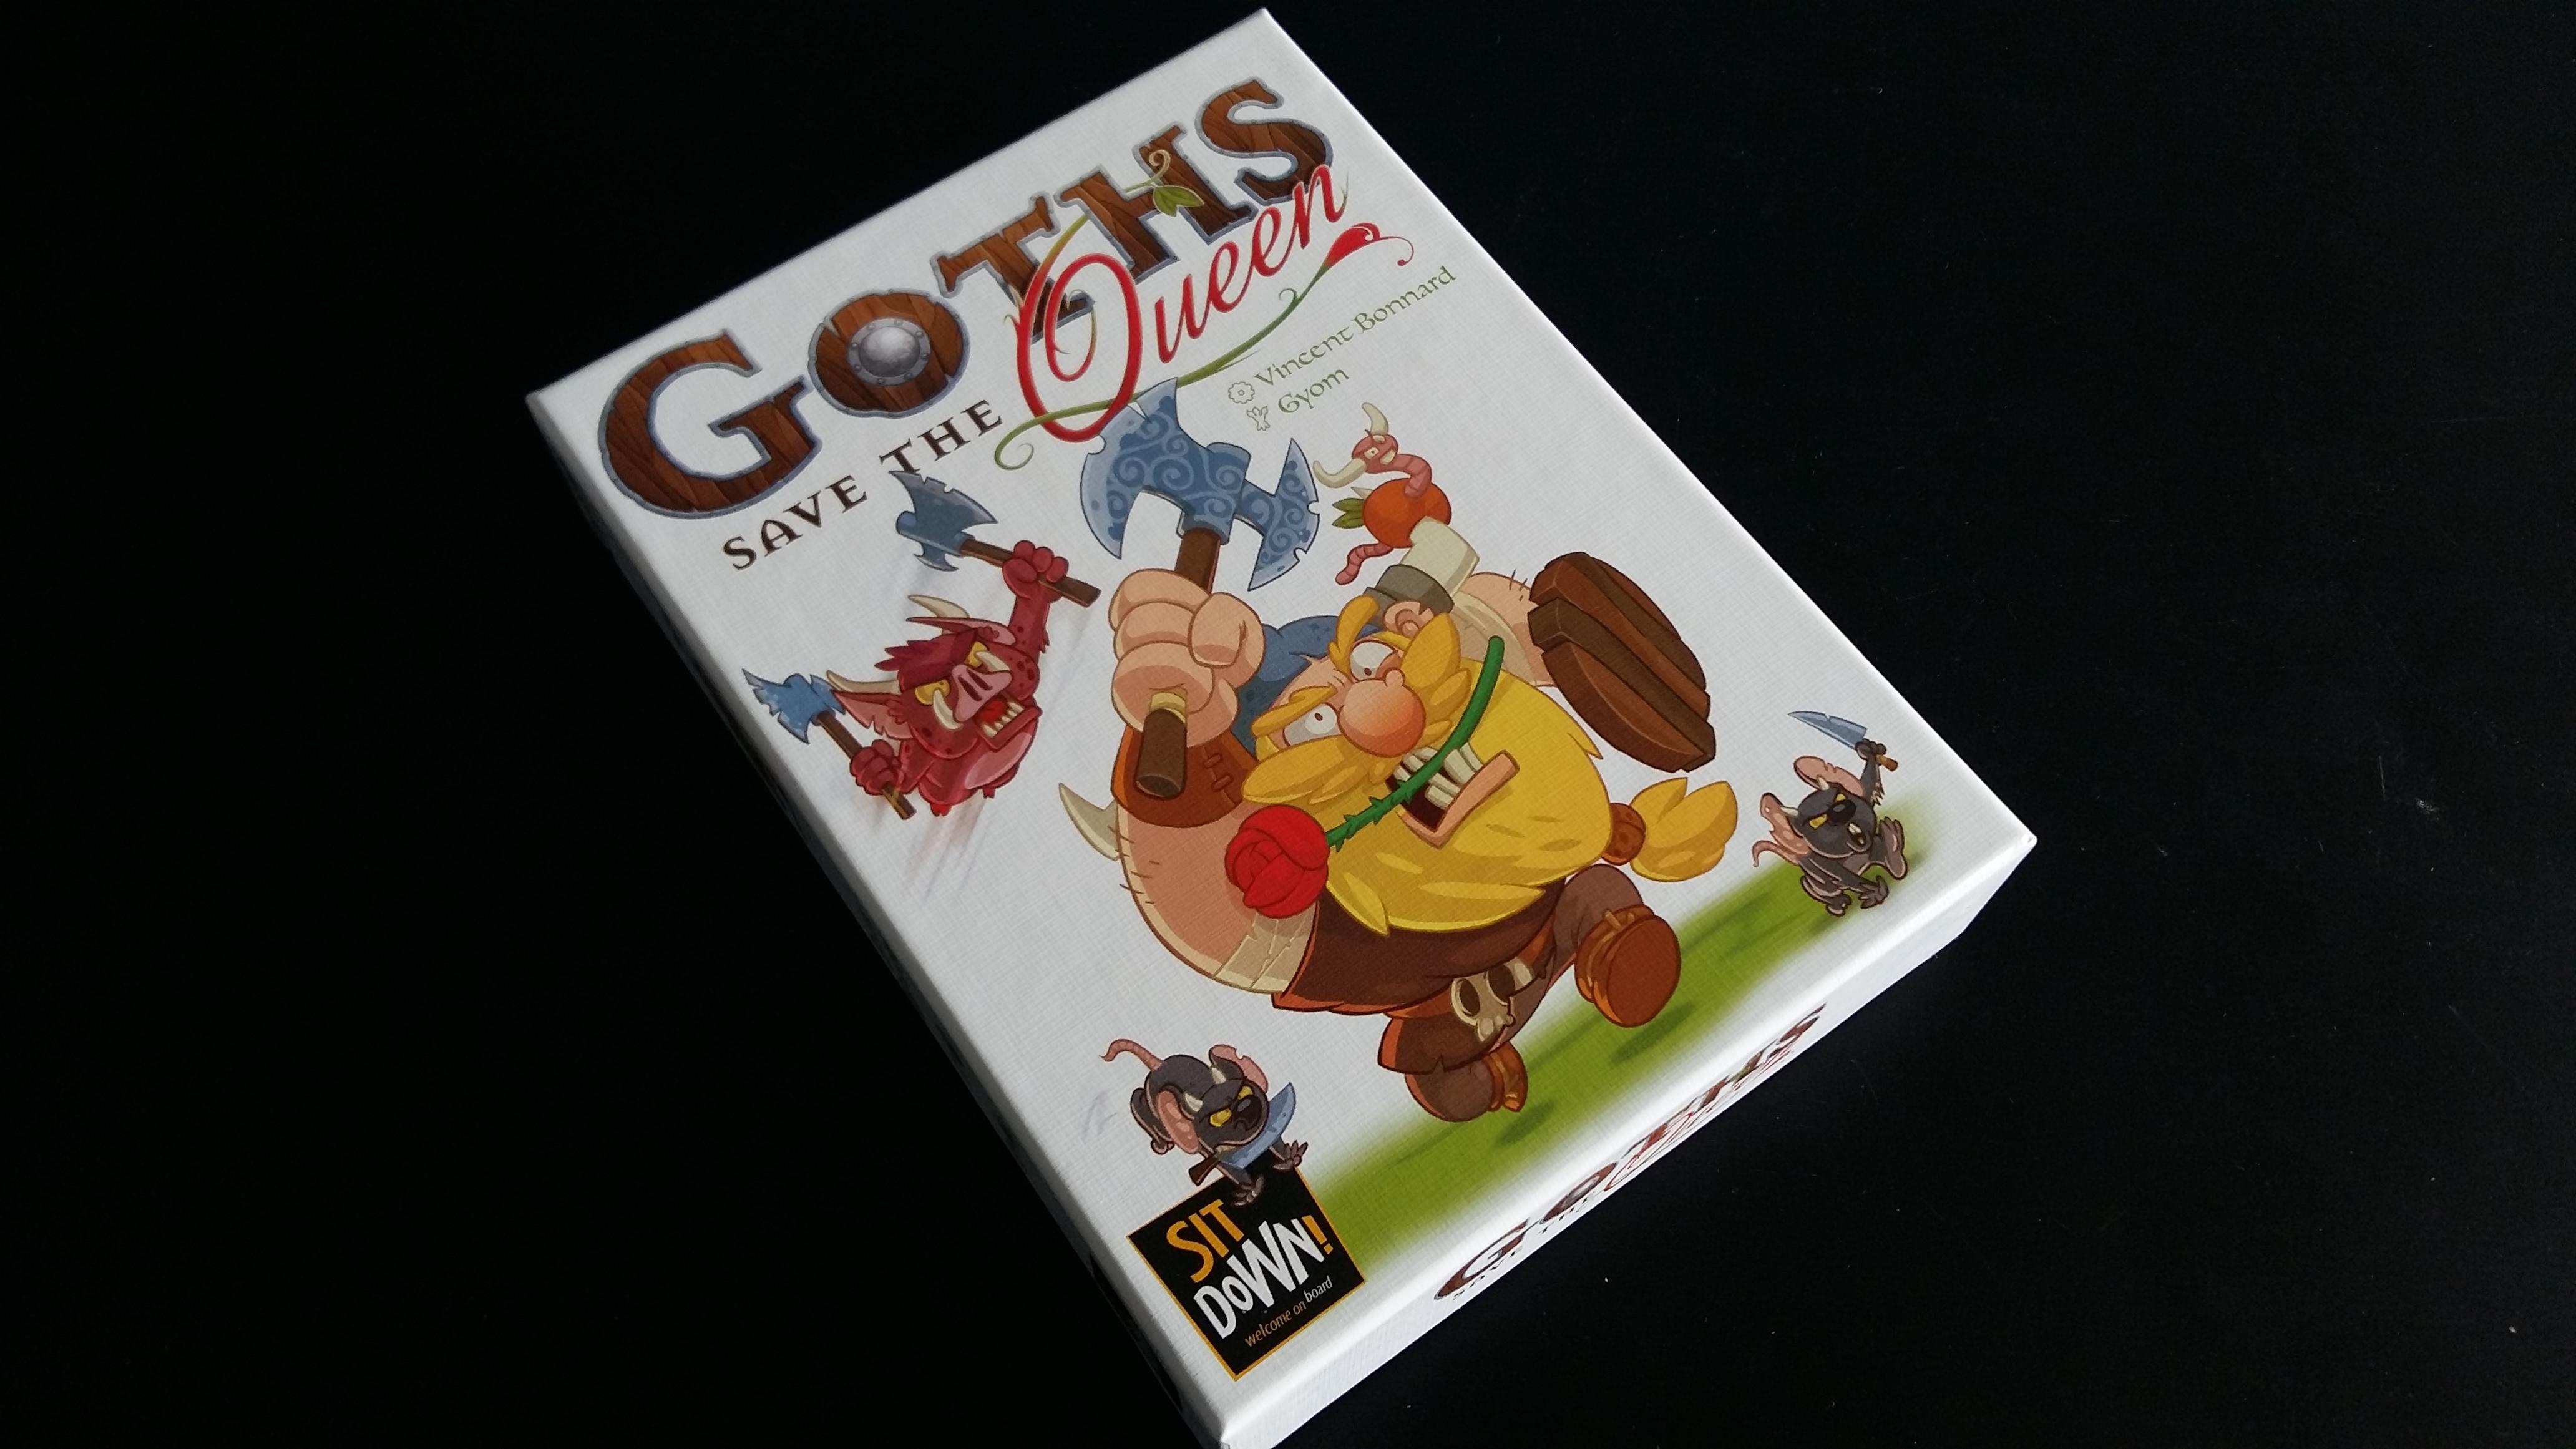 Goths Save the Queen – плъхове, брадви, прасета в катапулт и една твърде дебела кралица.